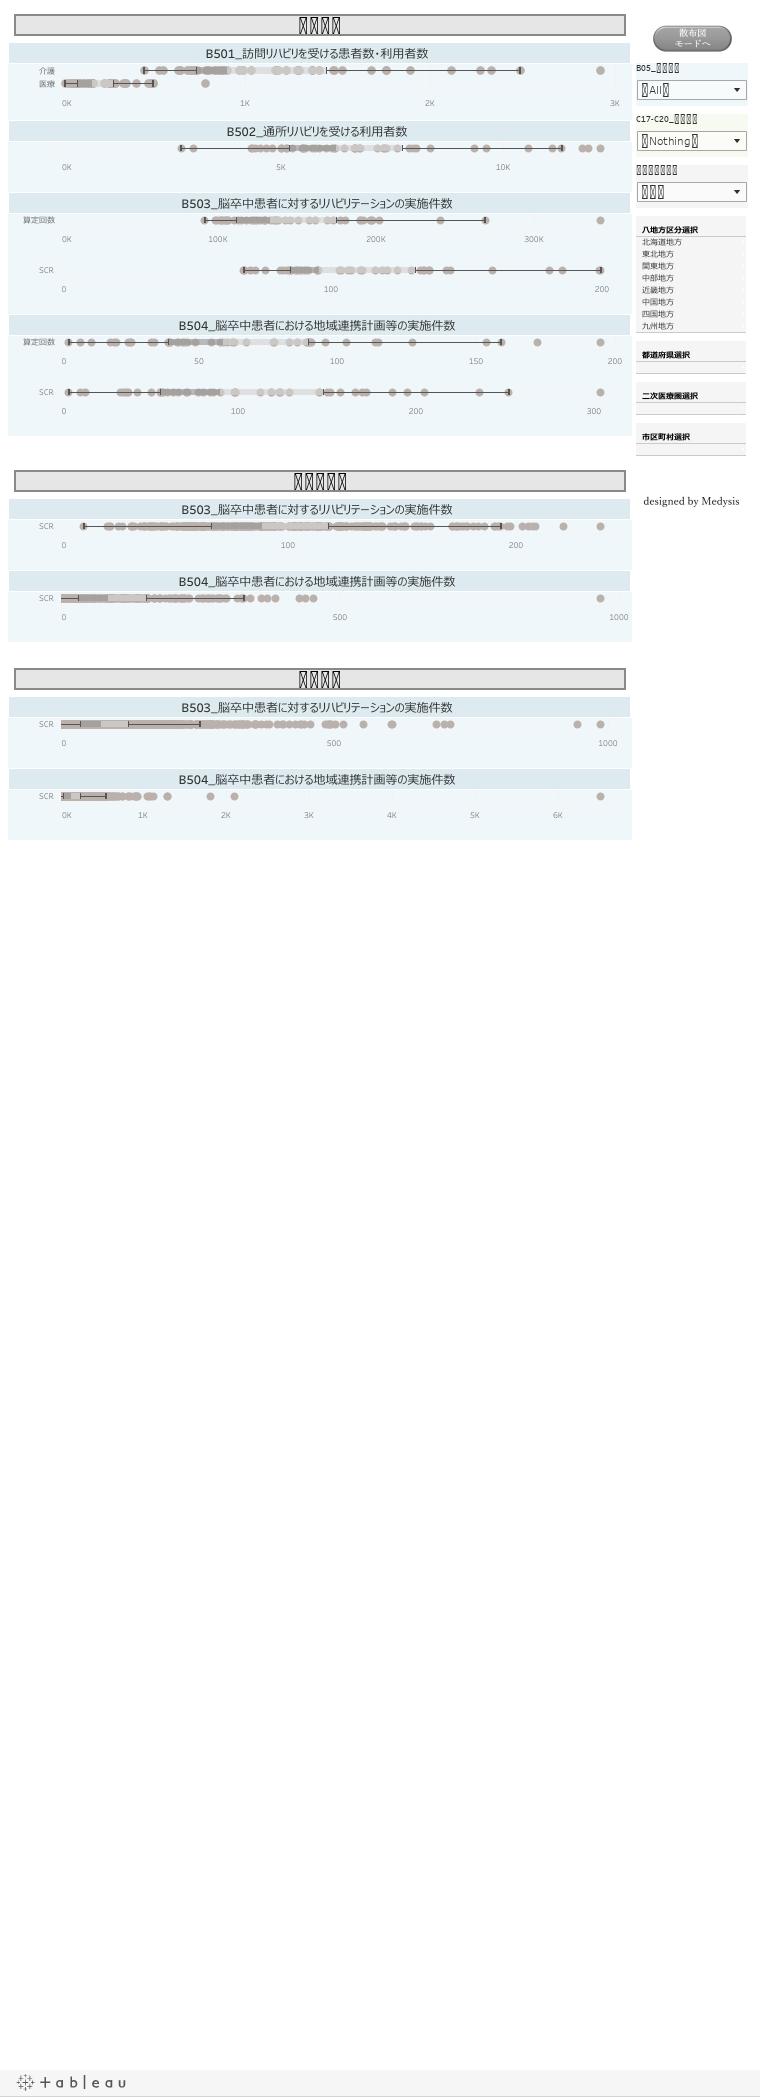 脳卒中分野の中間/初期アウトカム(維持期関連指標)